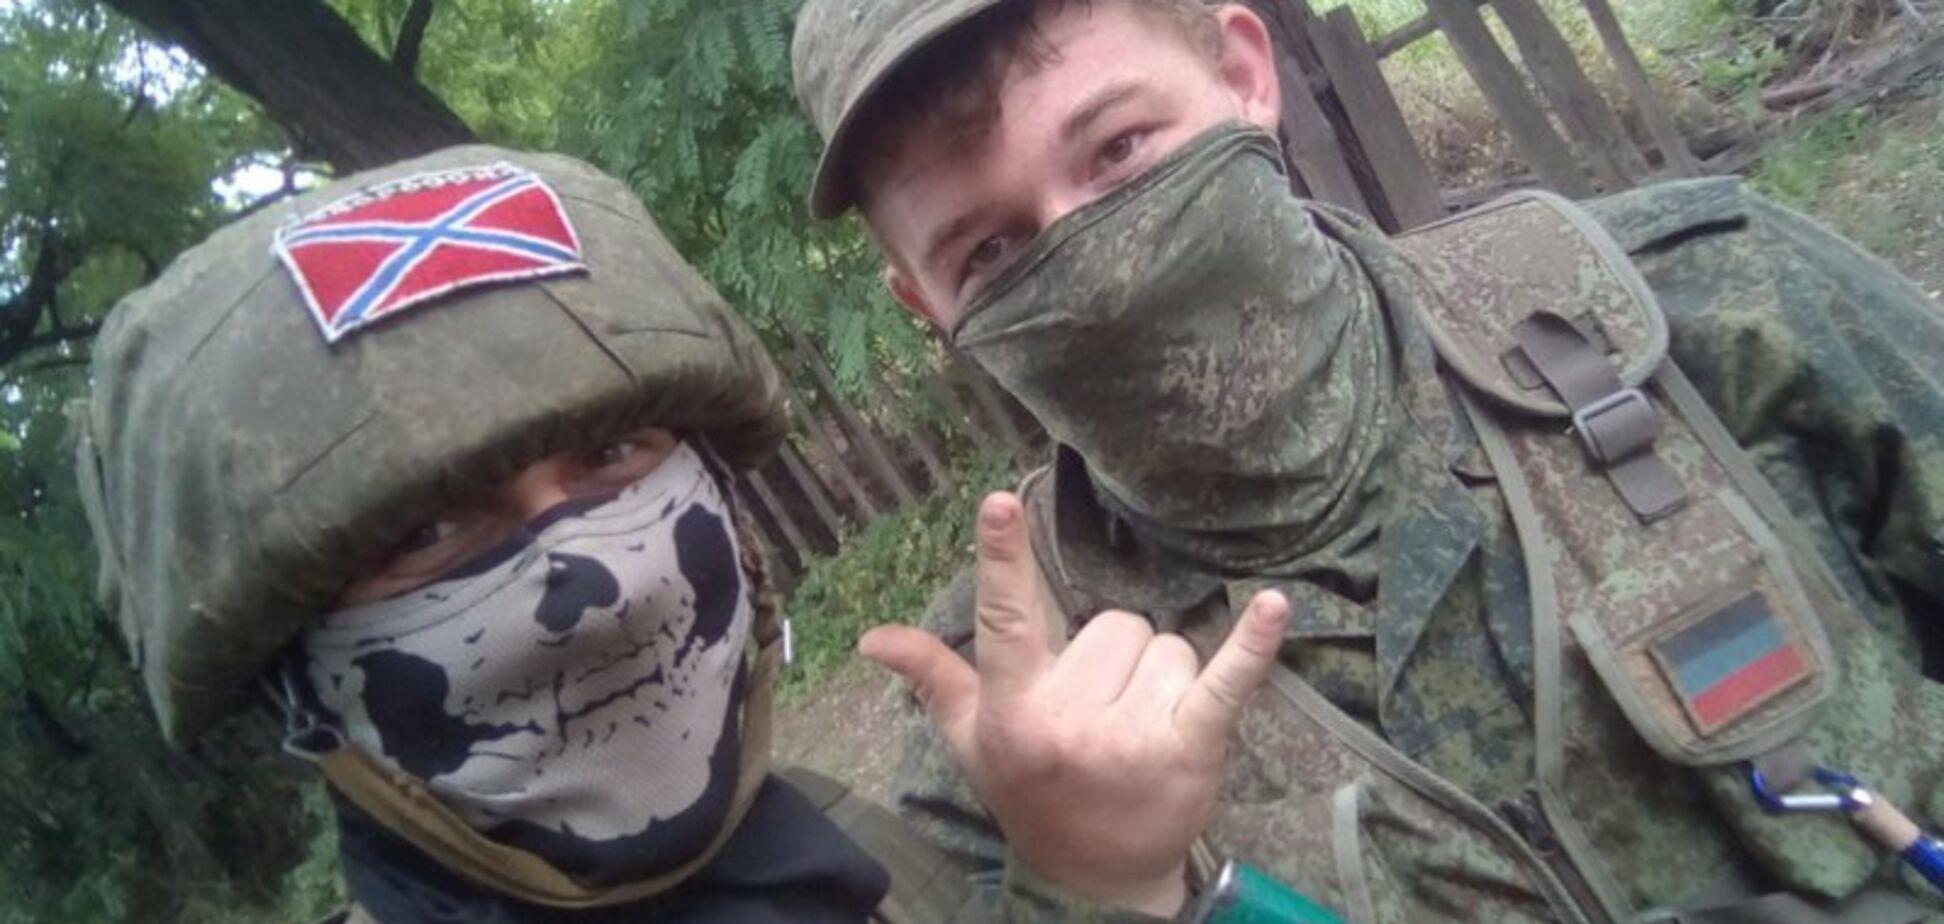 Воевал под Дебальцево: в сети показали фото ликвидированного террориста 'ДНР'